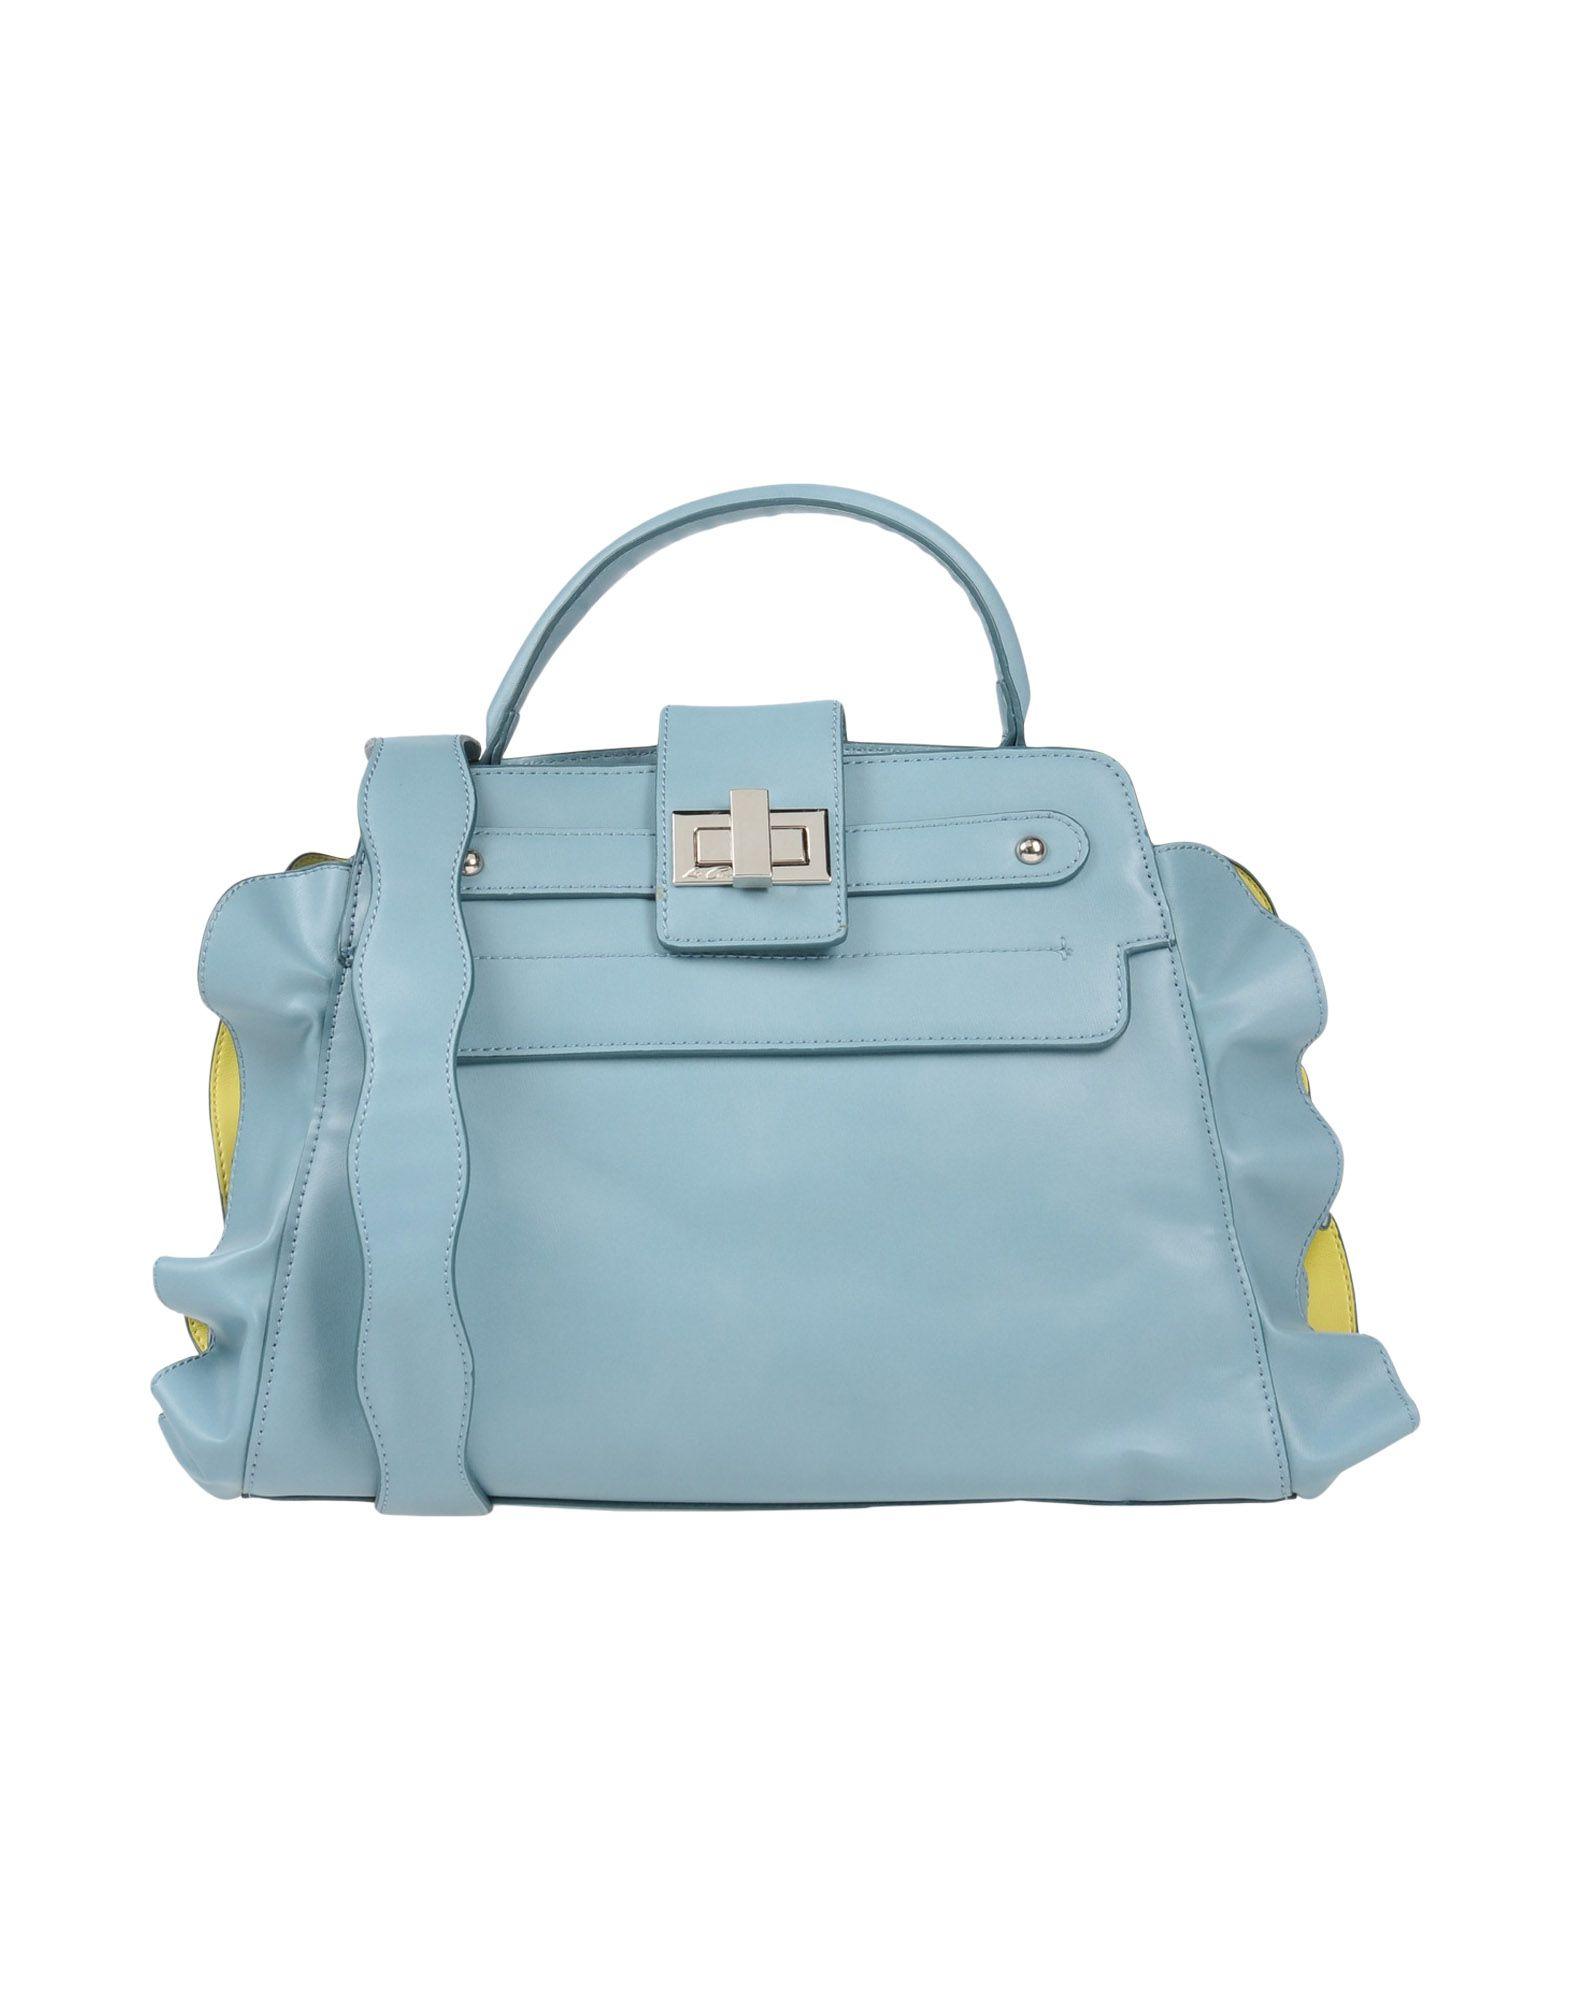 Borsa A Mano La Carrie Bag Donna - Acquista online su